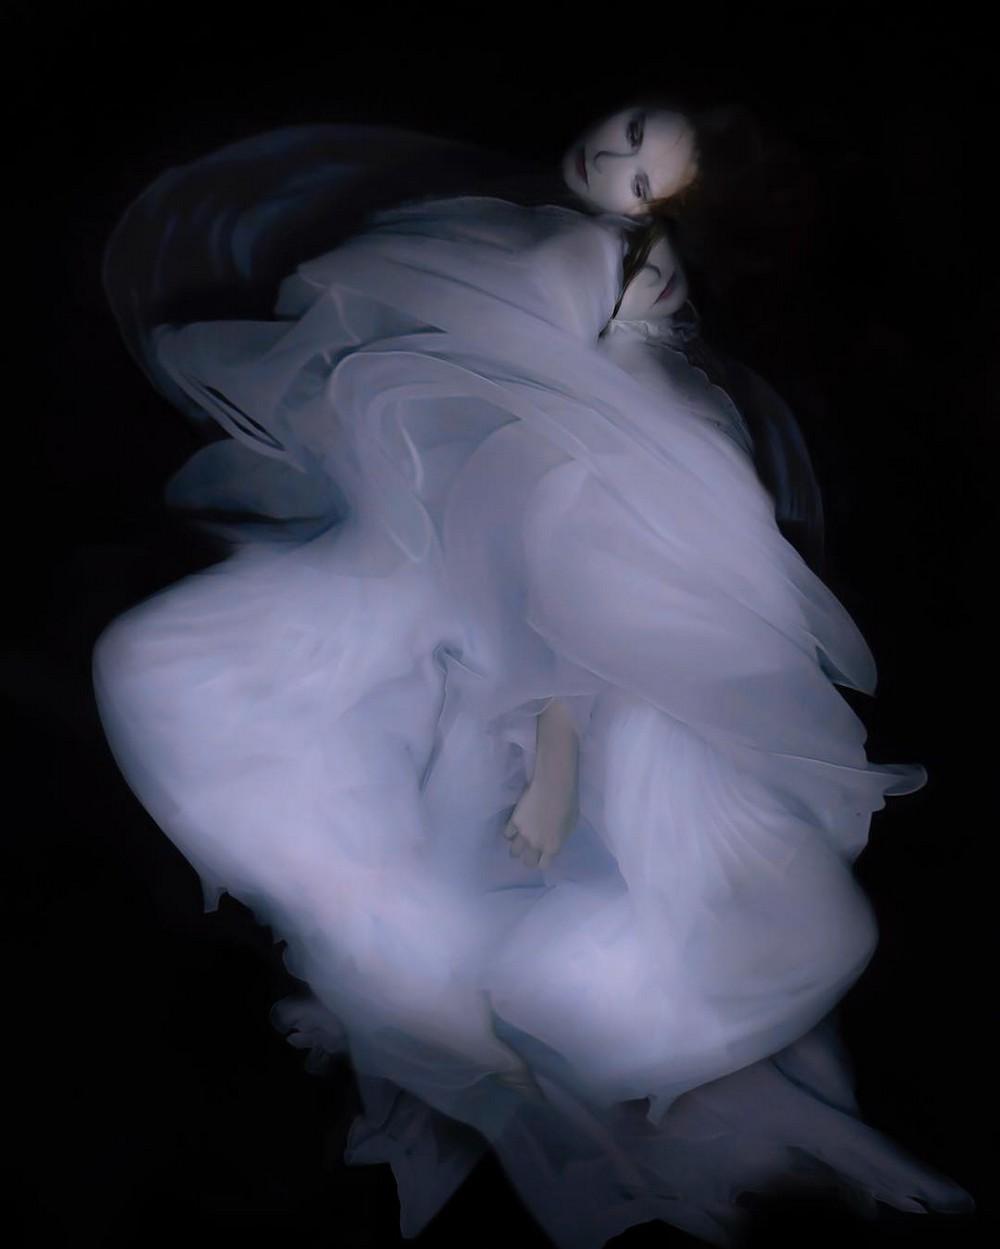 Невесомые женские образы на подводных снимках Габриэле Виртель